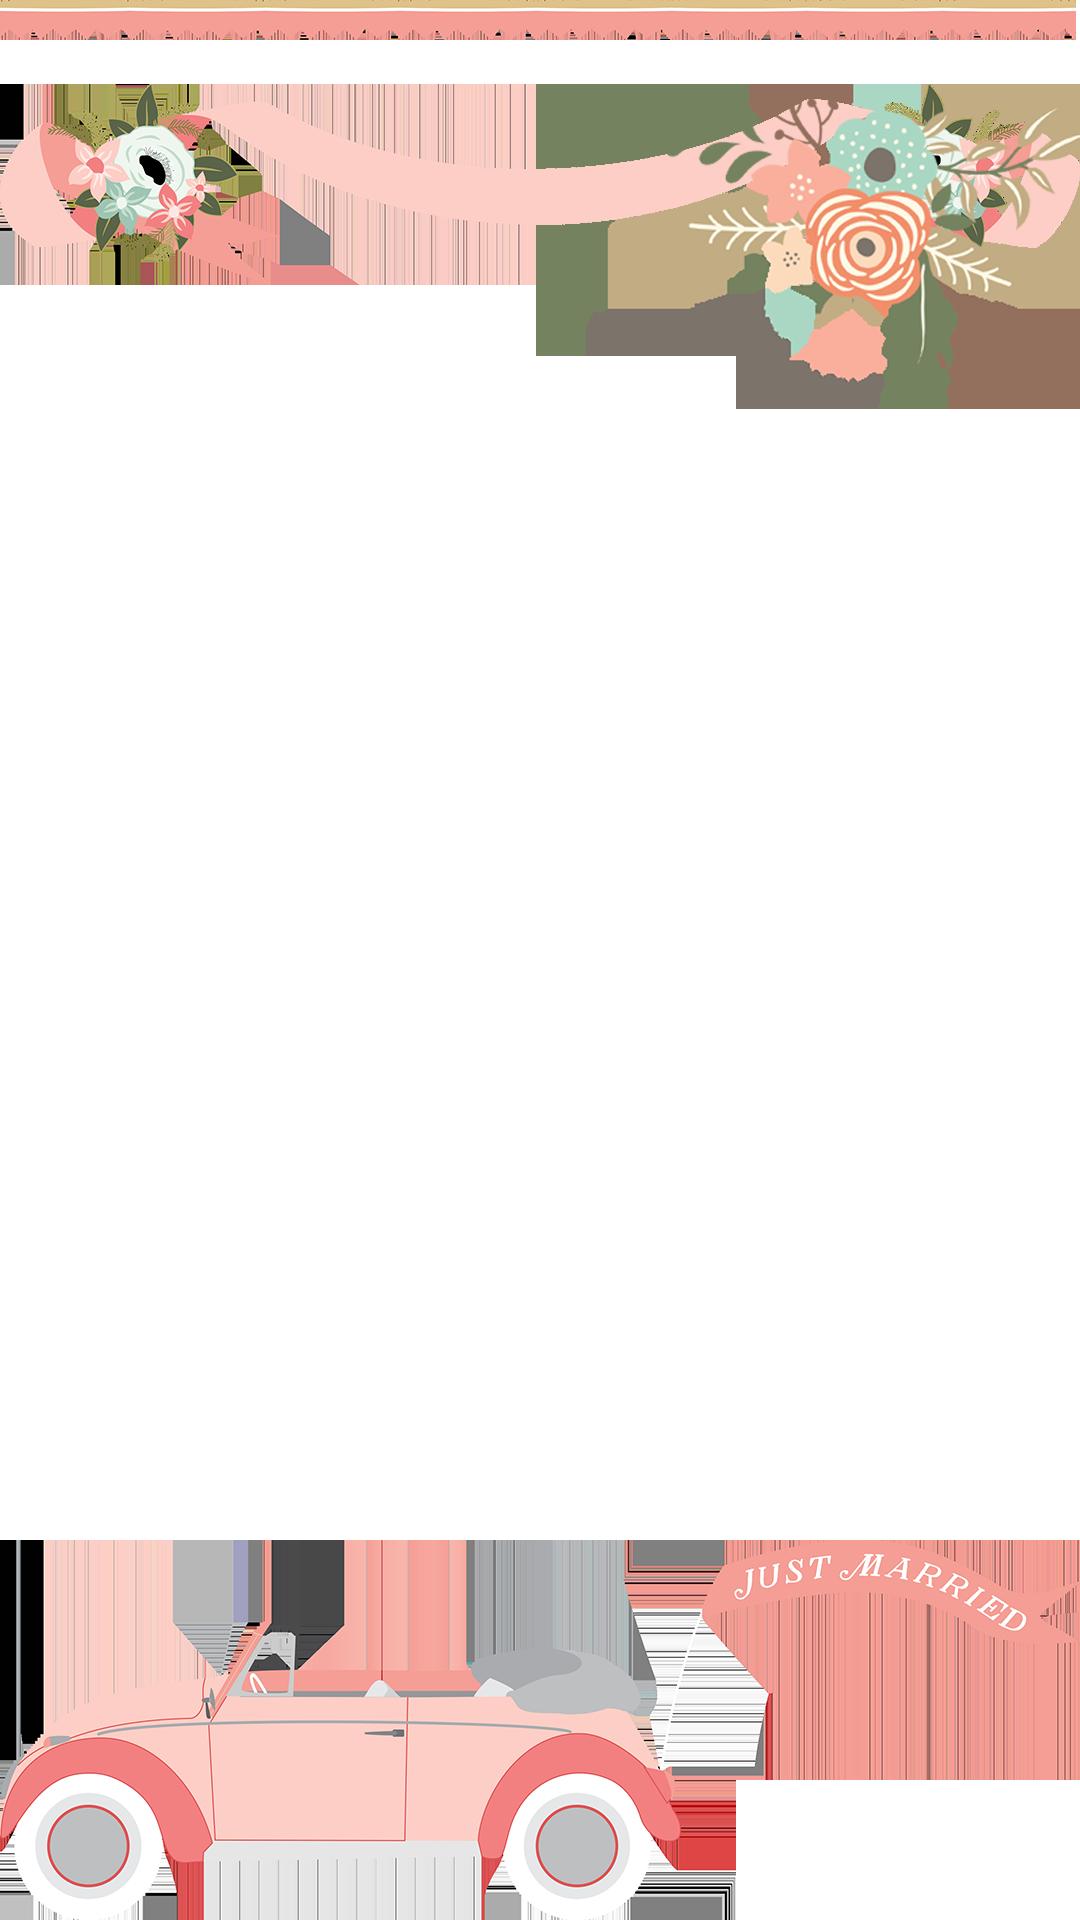 Pin oleh MOR BENSIMON di Frames & Background di 2019.